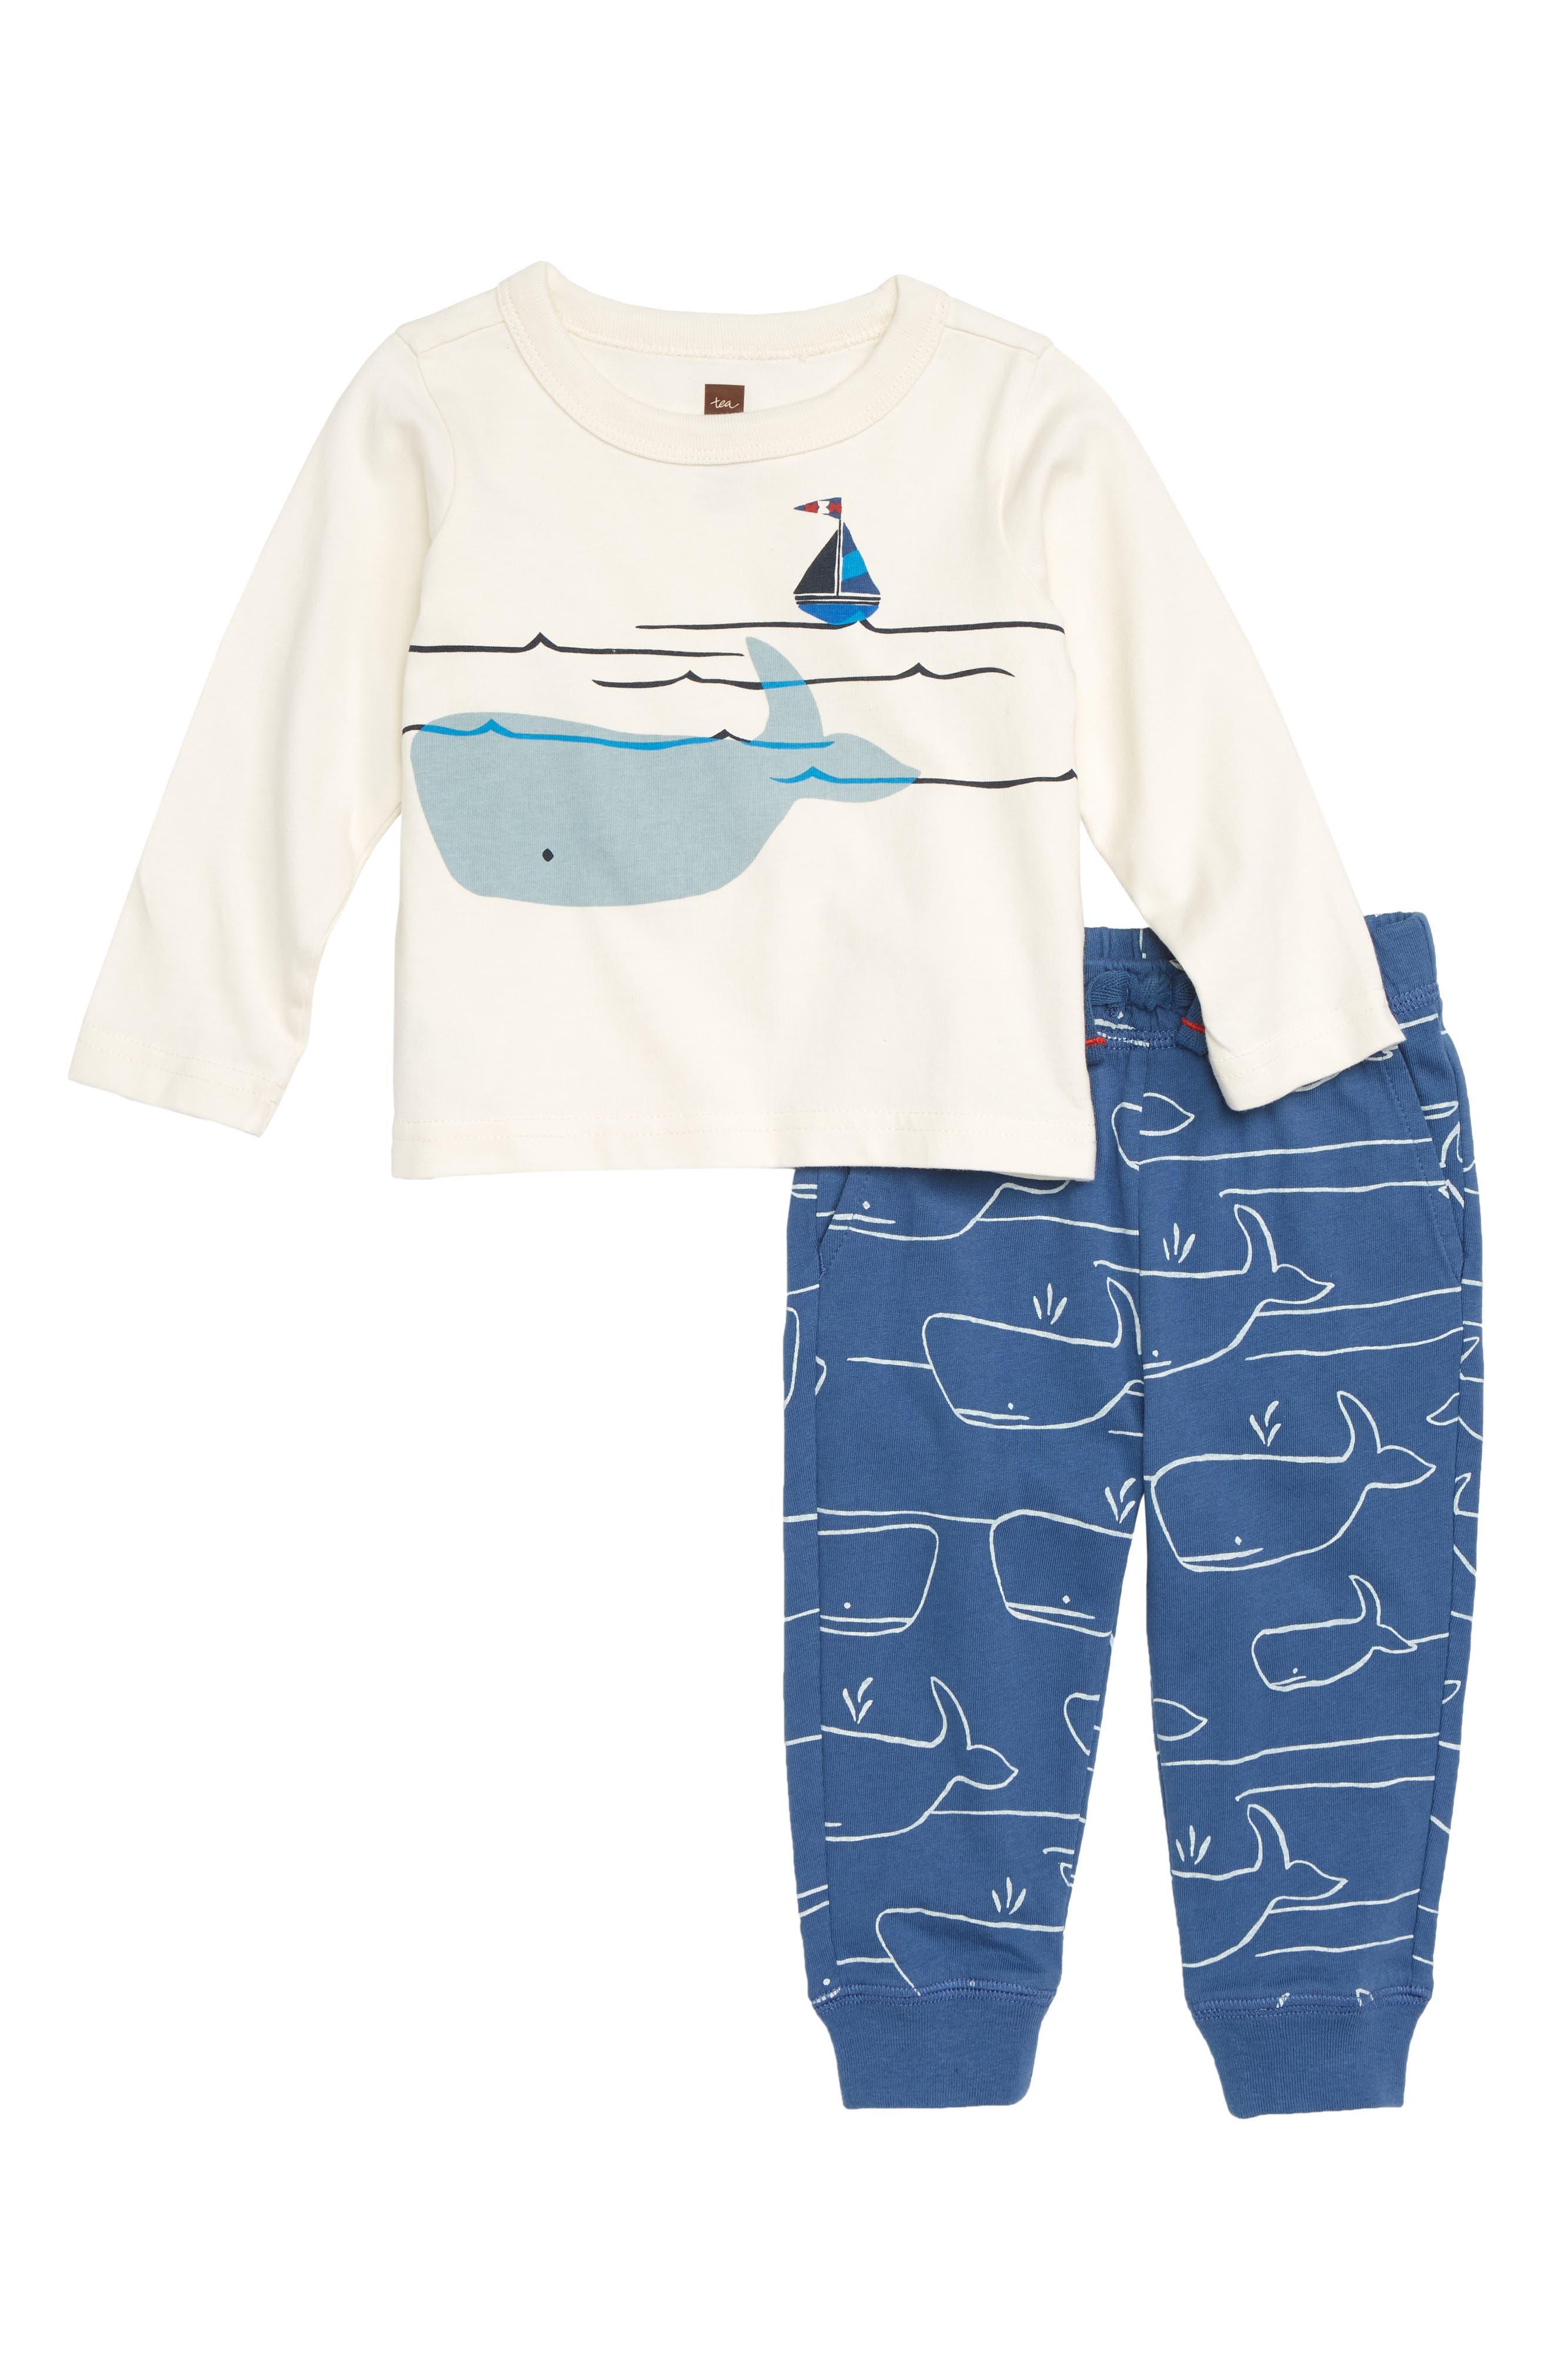 Diving Whale Graphic Shirt & Sweatpants Set,                         Main,                         color, 103